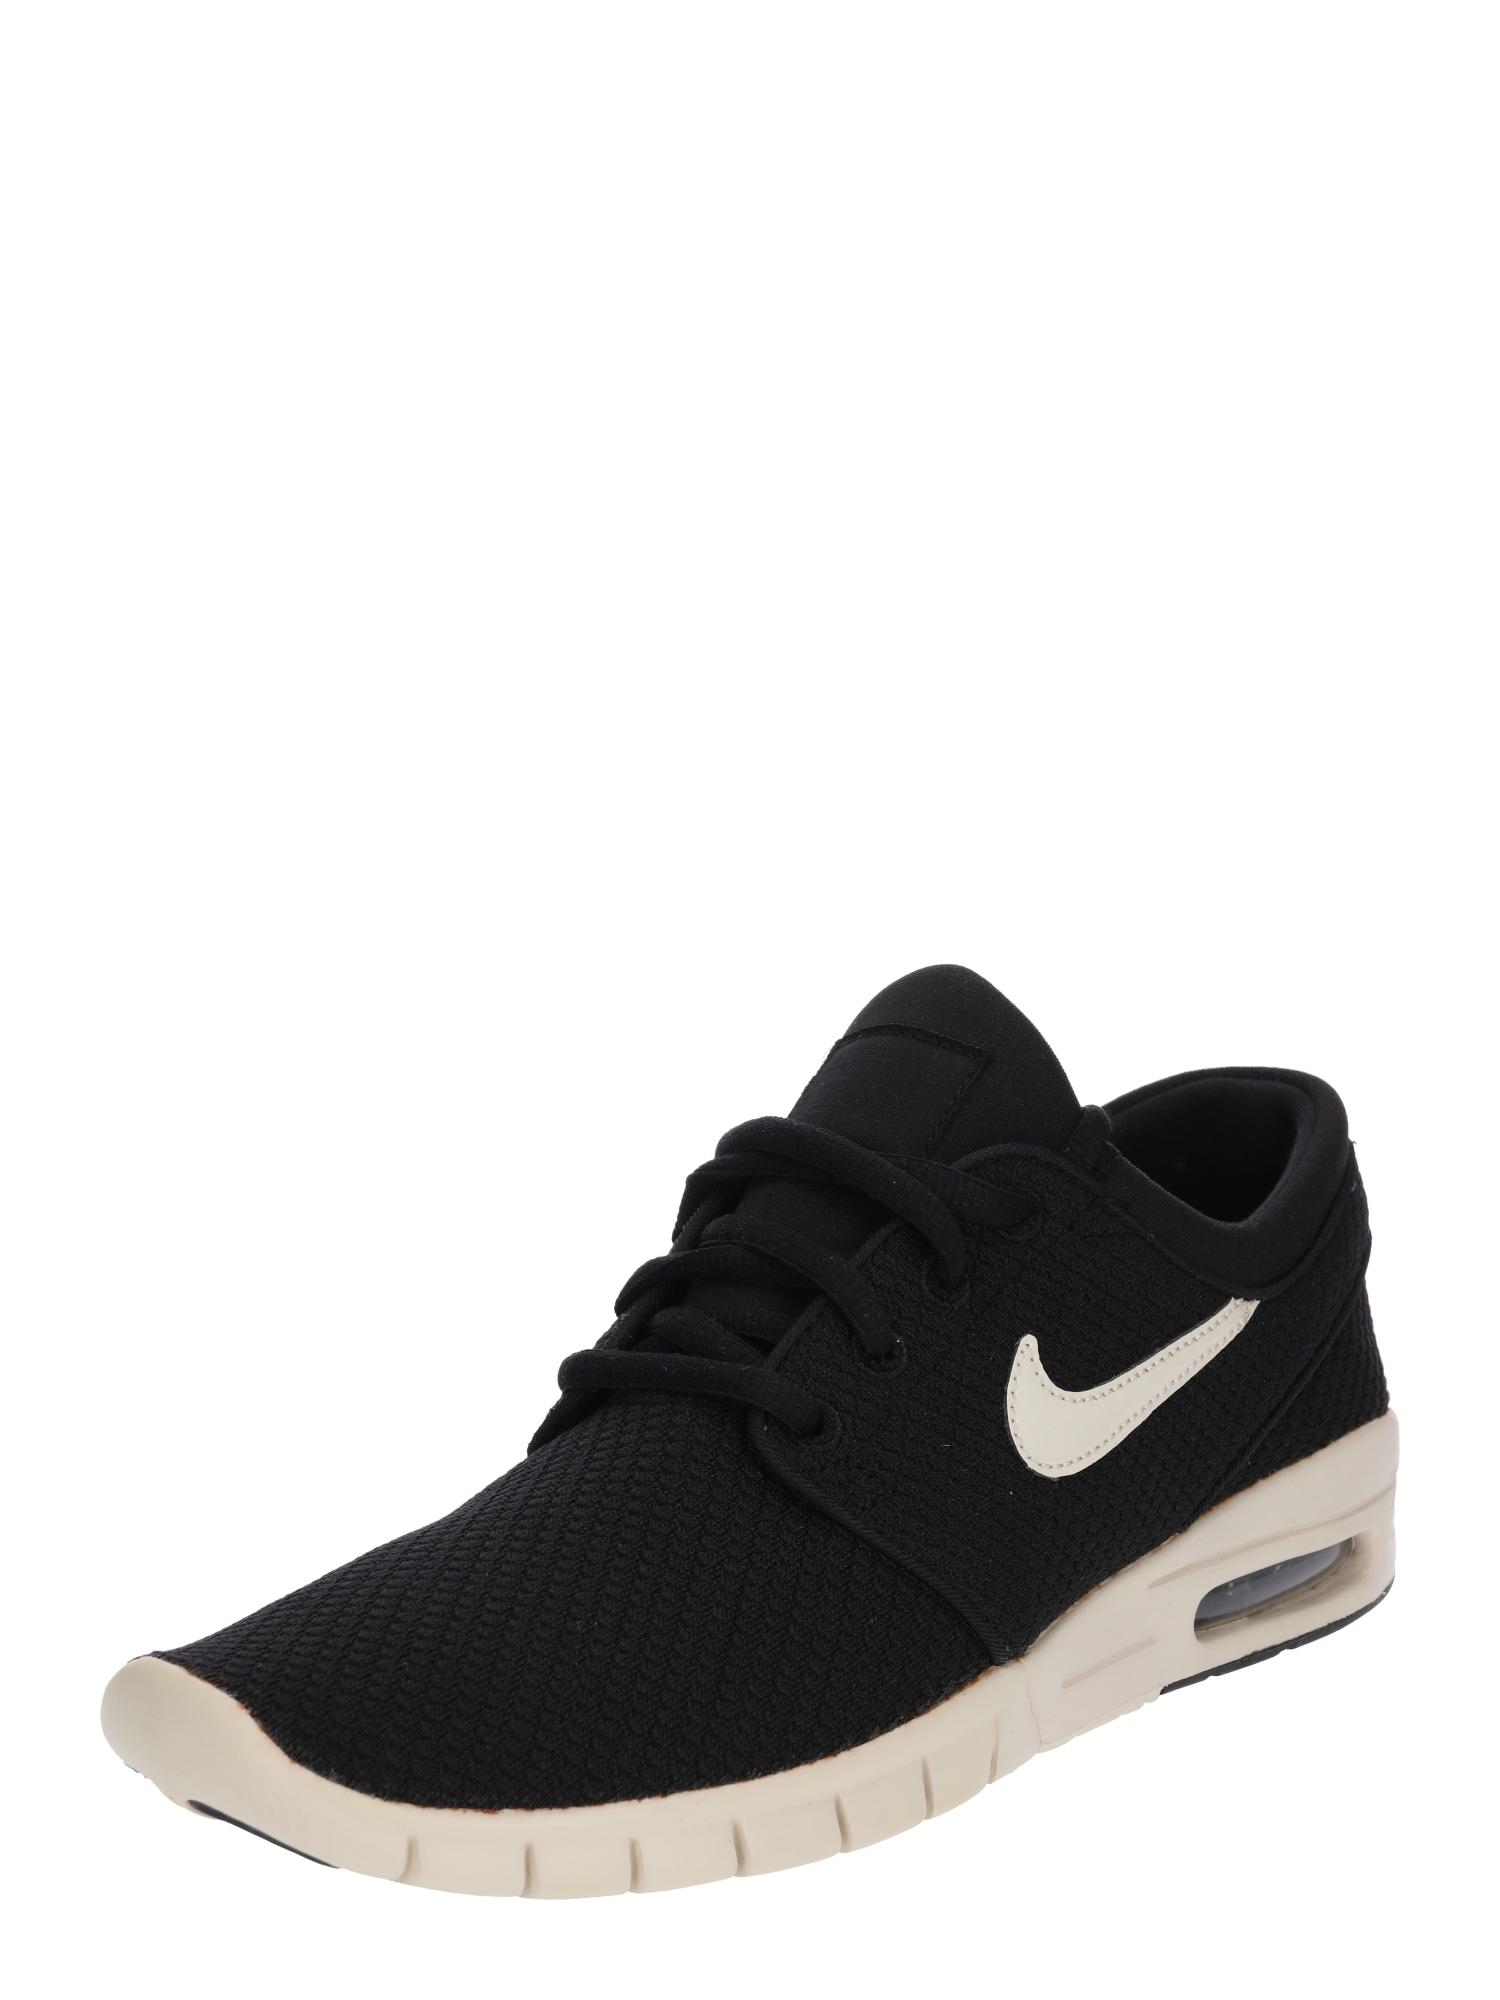 Tenisky Stefan Janoski Max černá Nike SB